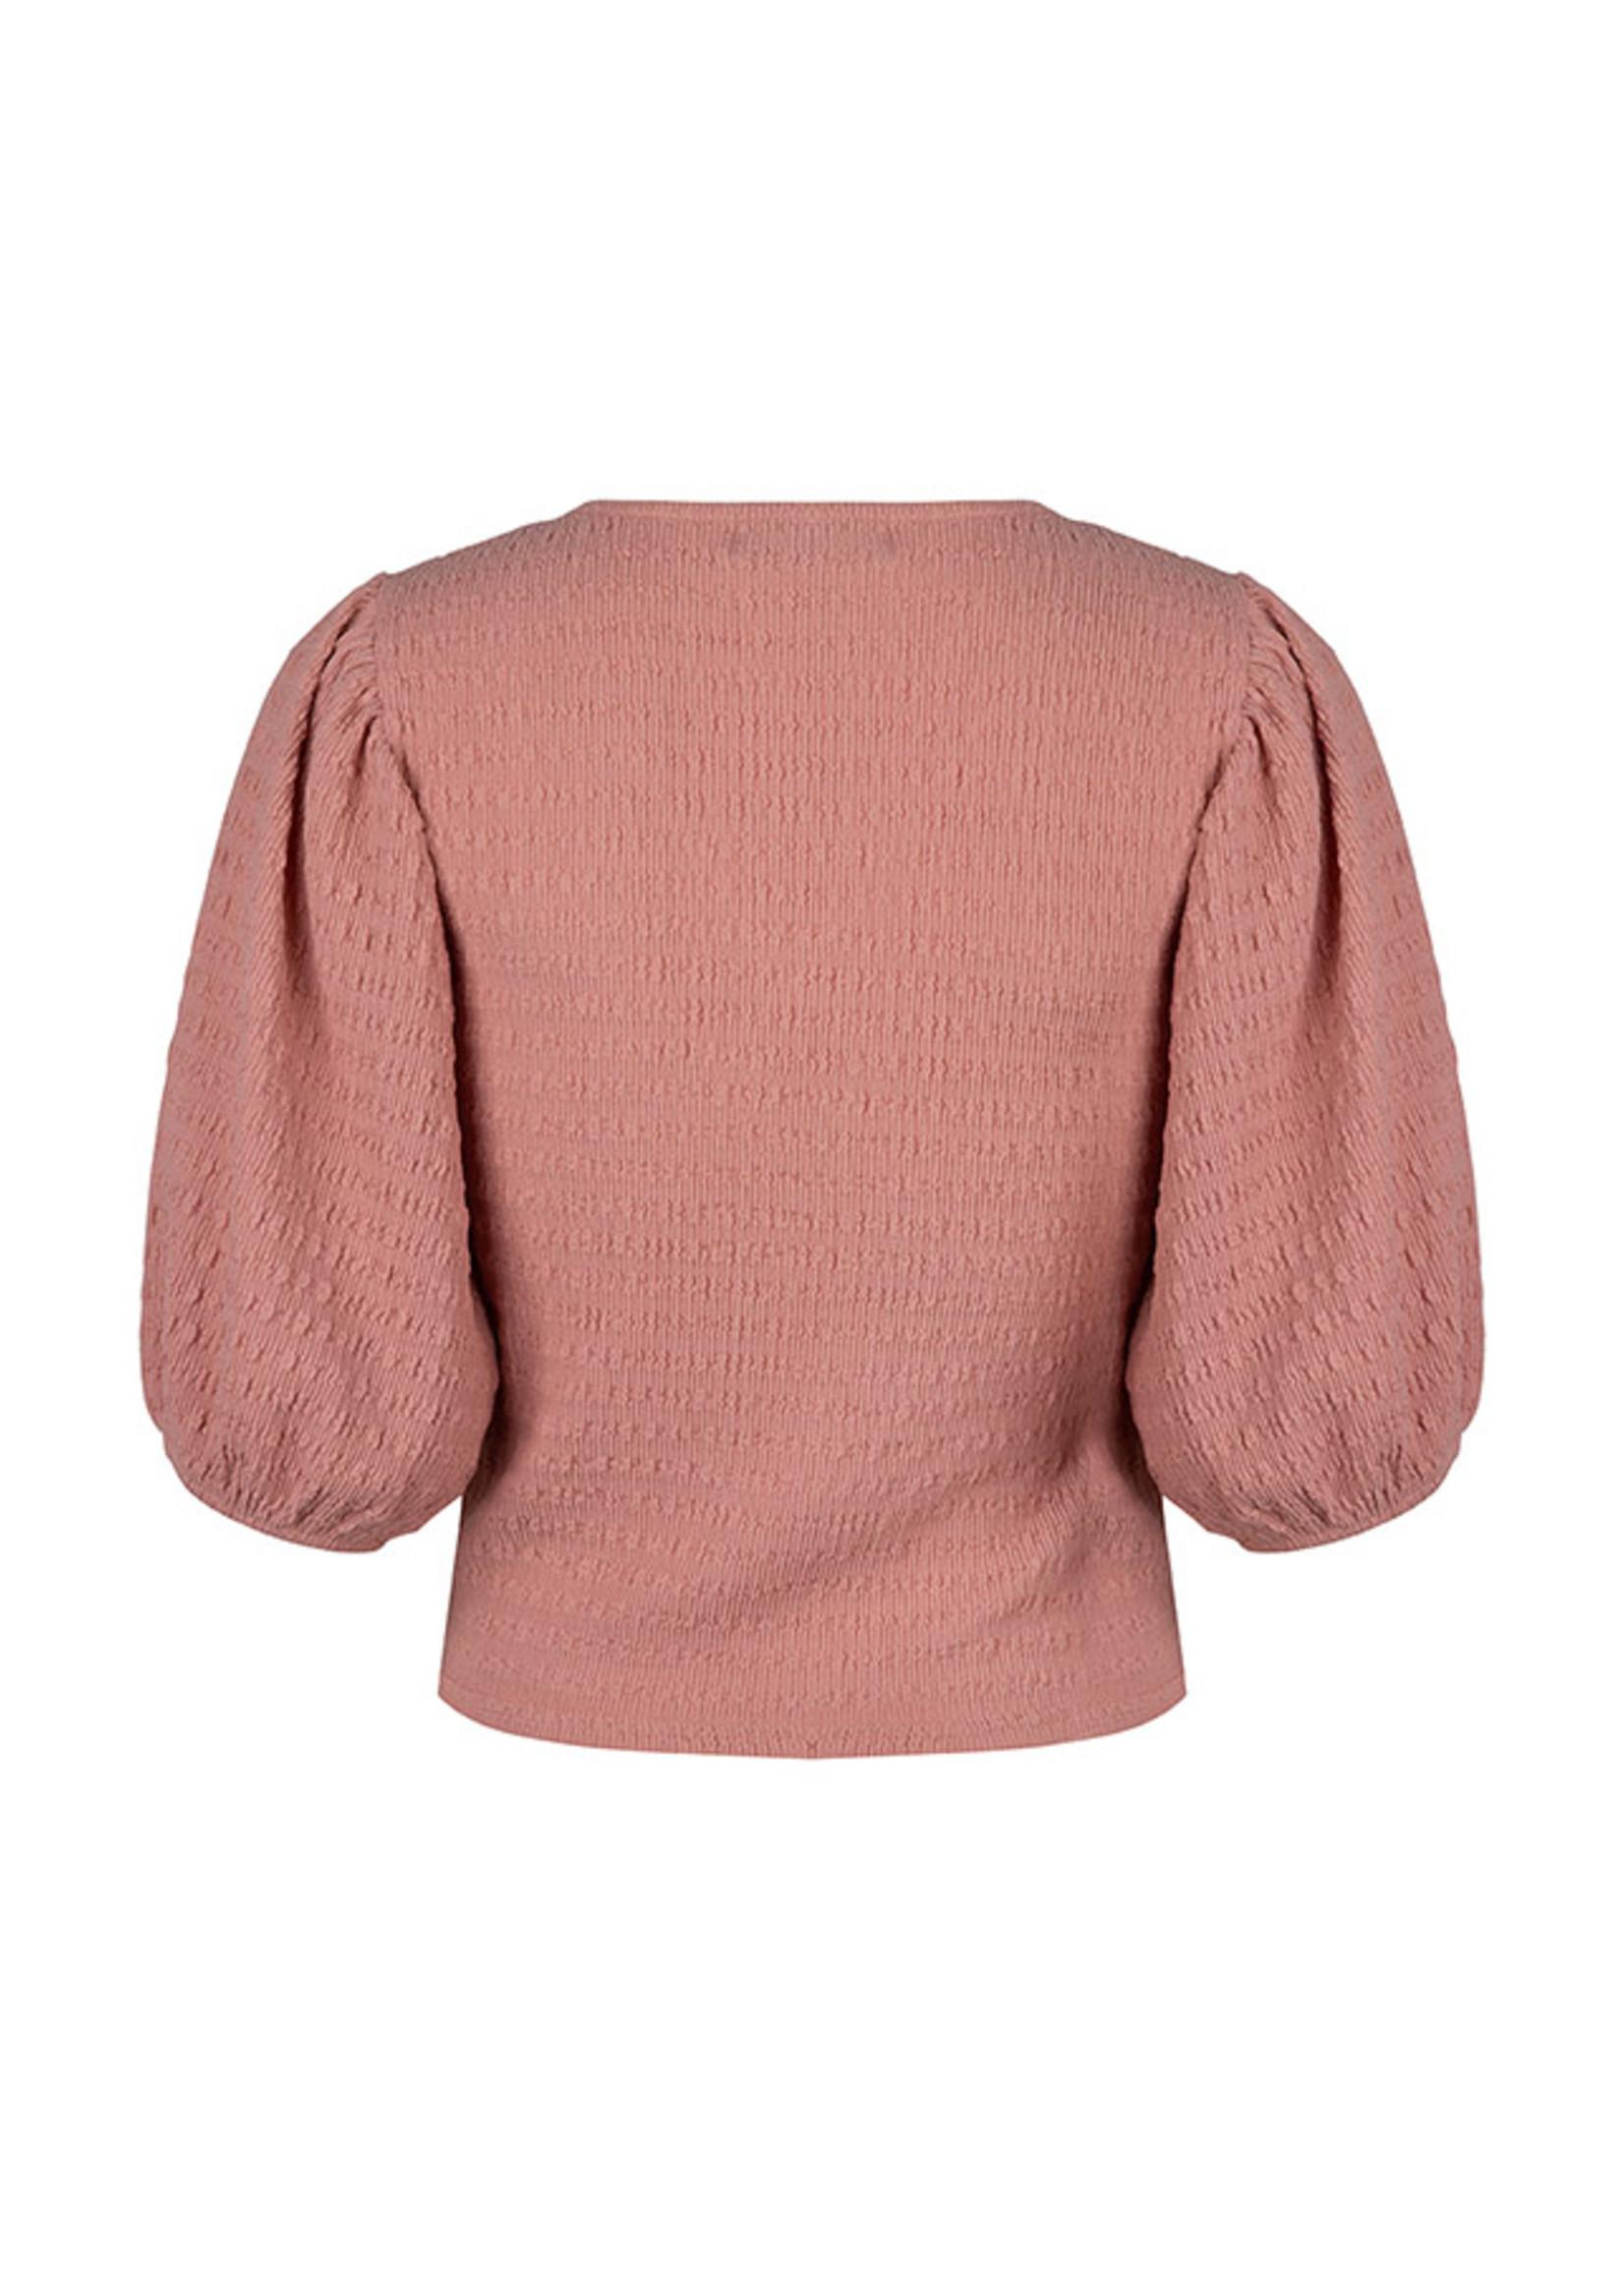 Lofty Manner Roze pofmouw top